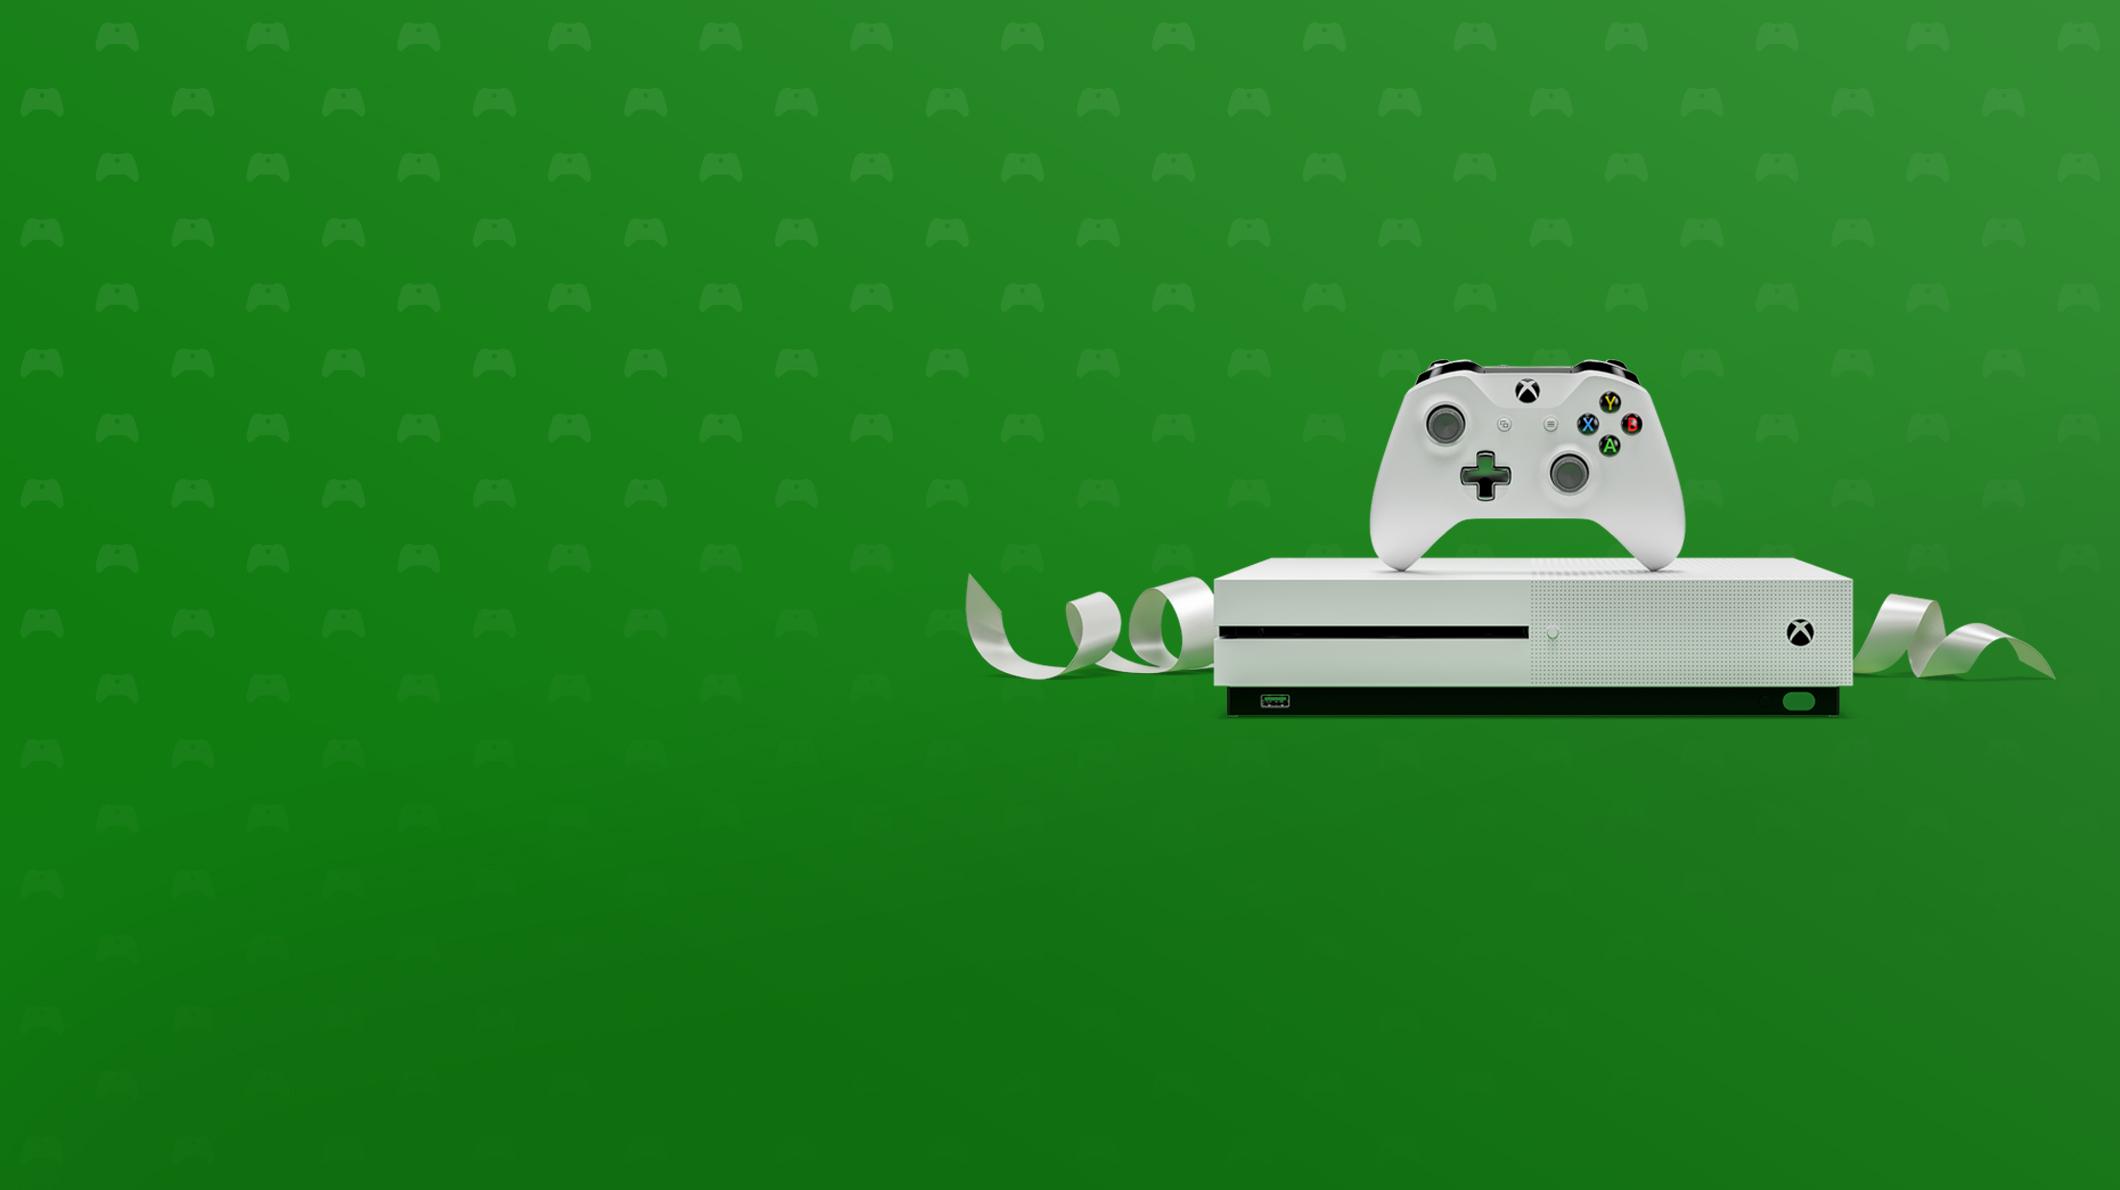 一台 Xbox One S 和控制器